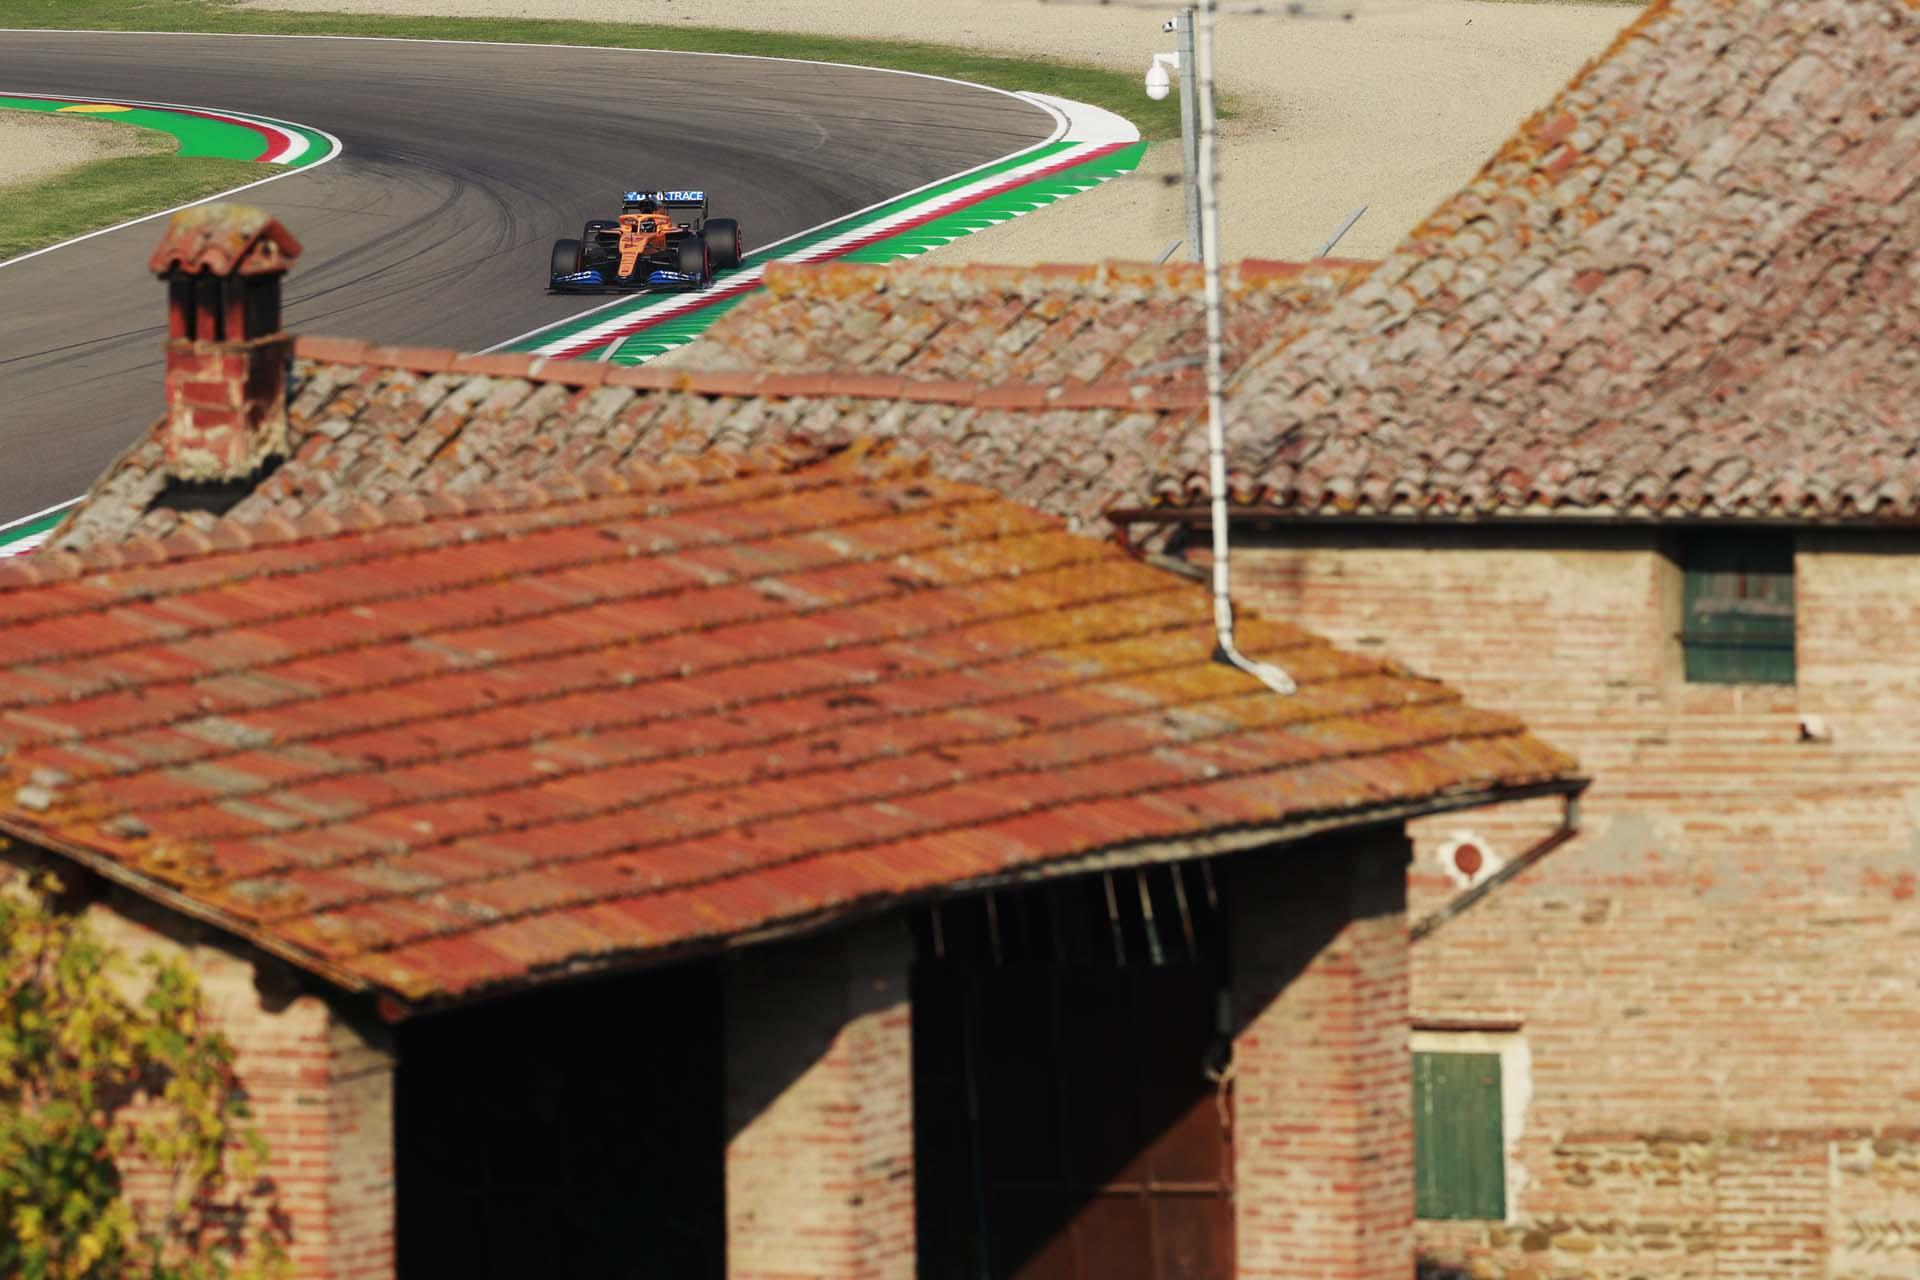 Carlos Sainz, McLaren MCL35, drives past some local architecture